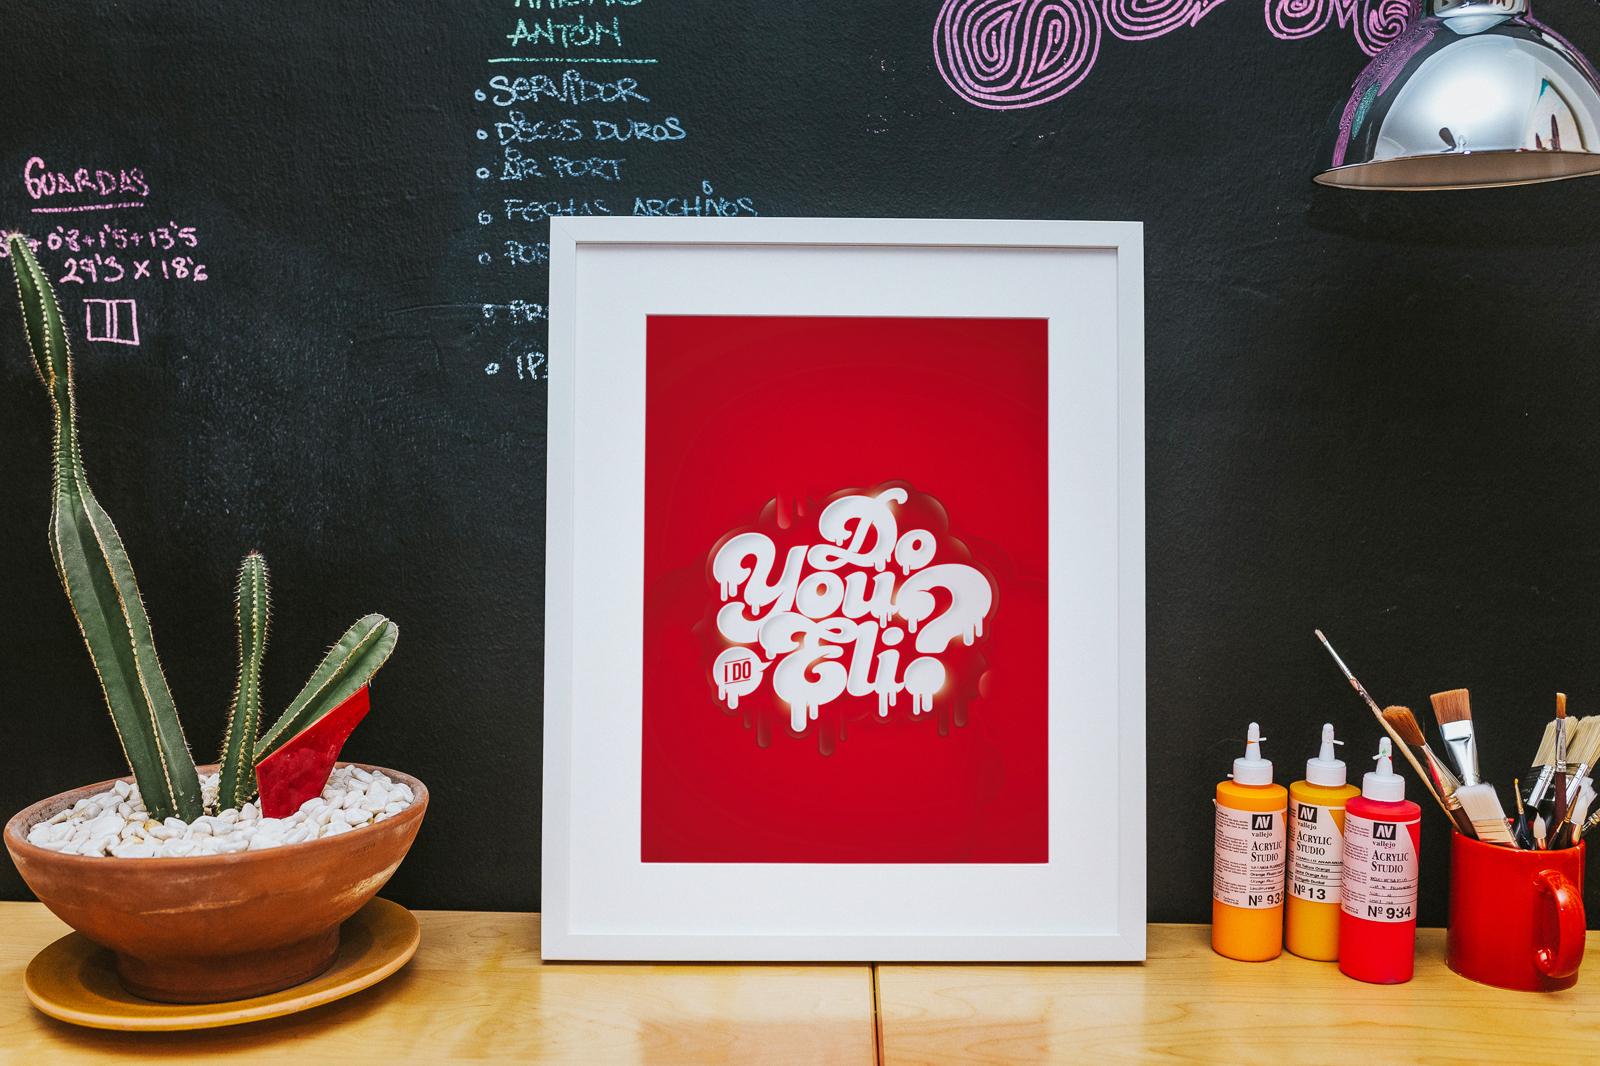 Pedro Cabañas - Design - DO YOU ELI?